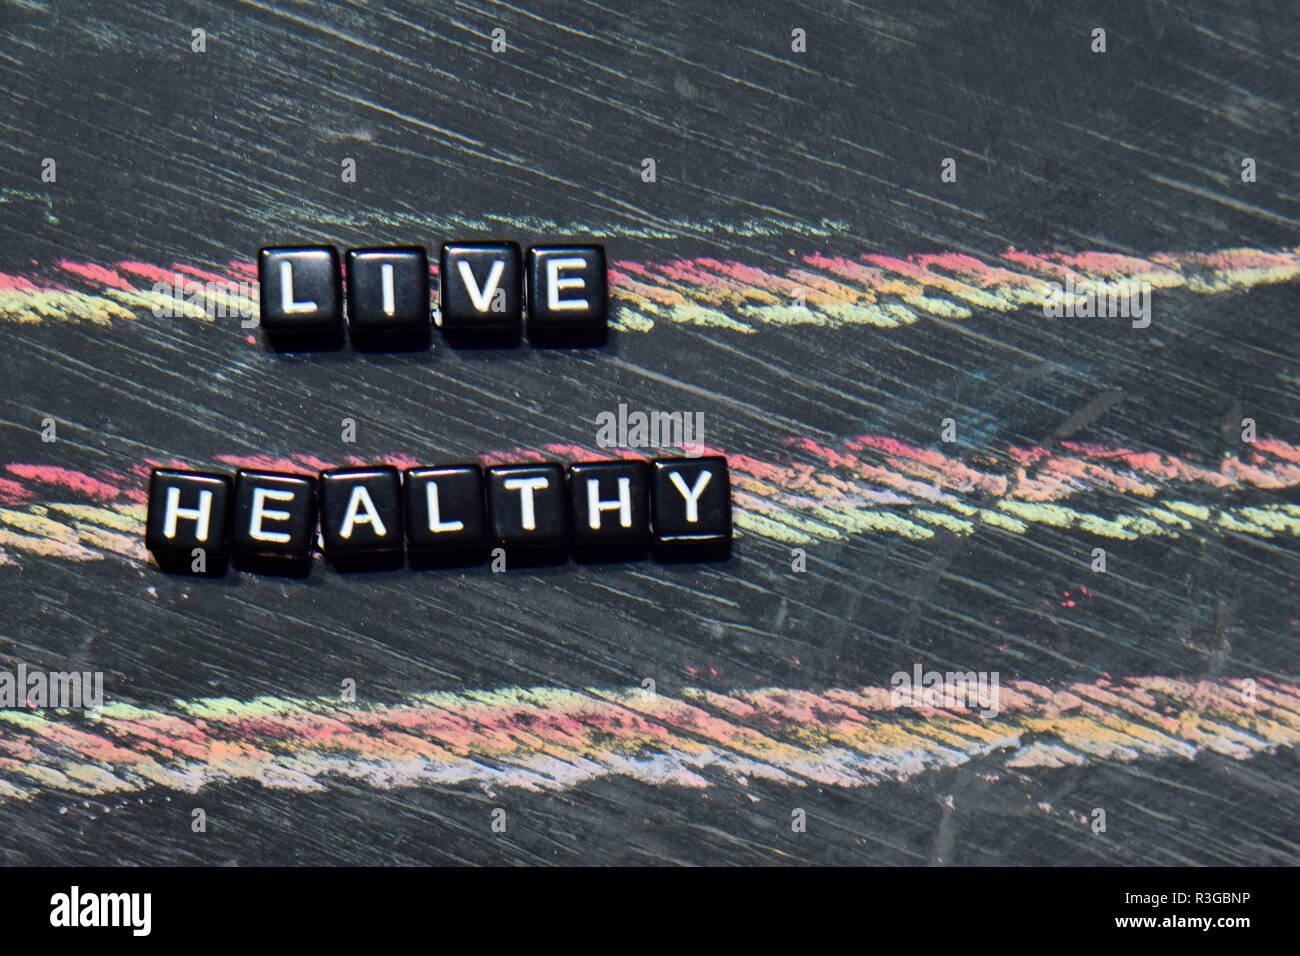 Gesund leben mit Holzblöcken abstützen. Kreuz verarbeitete Bild mit blackboard Hintergrund. Inspiration, Bildung und Motivation Konzepte mit den Worten Gegenstand Stockbild